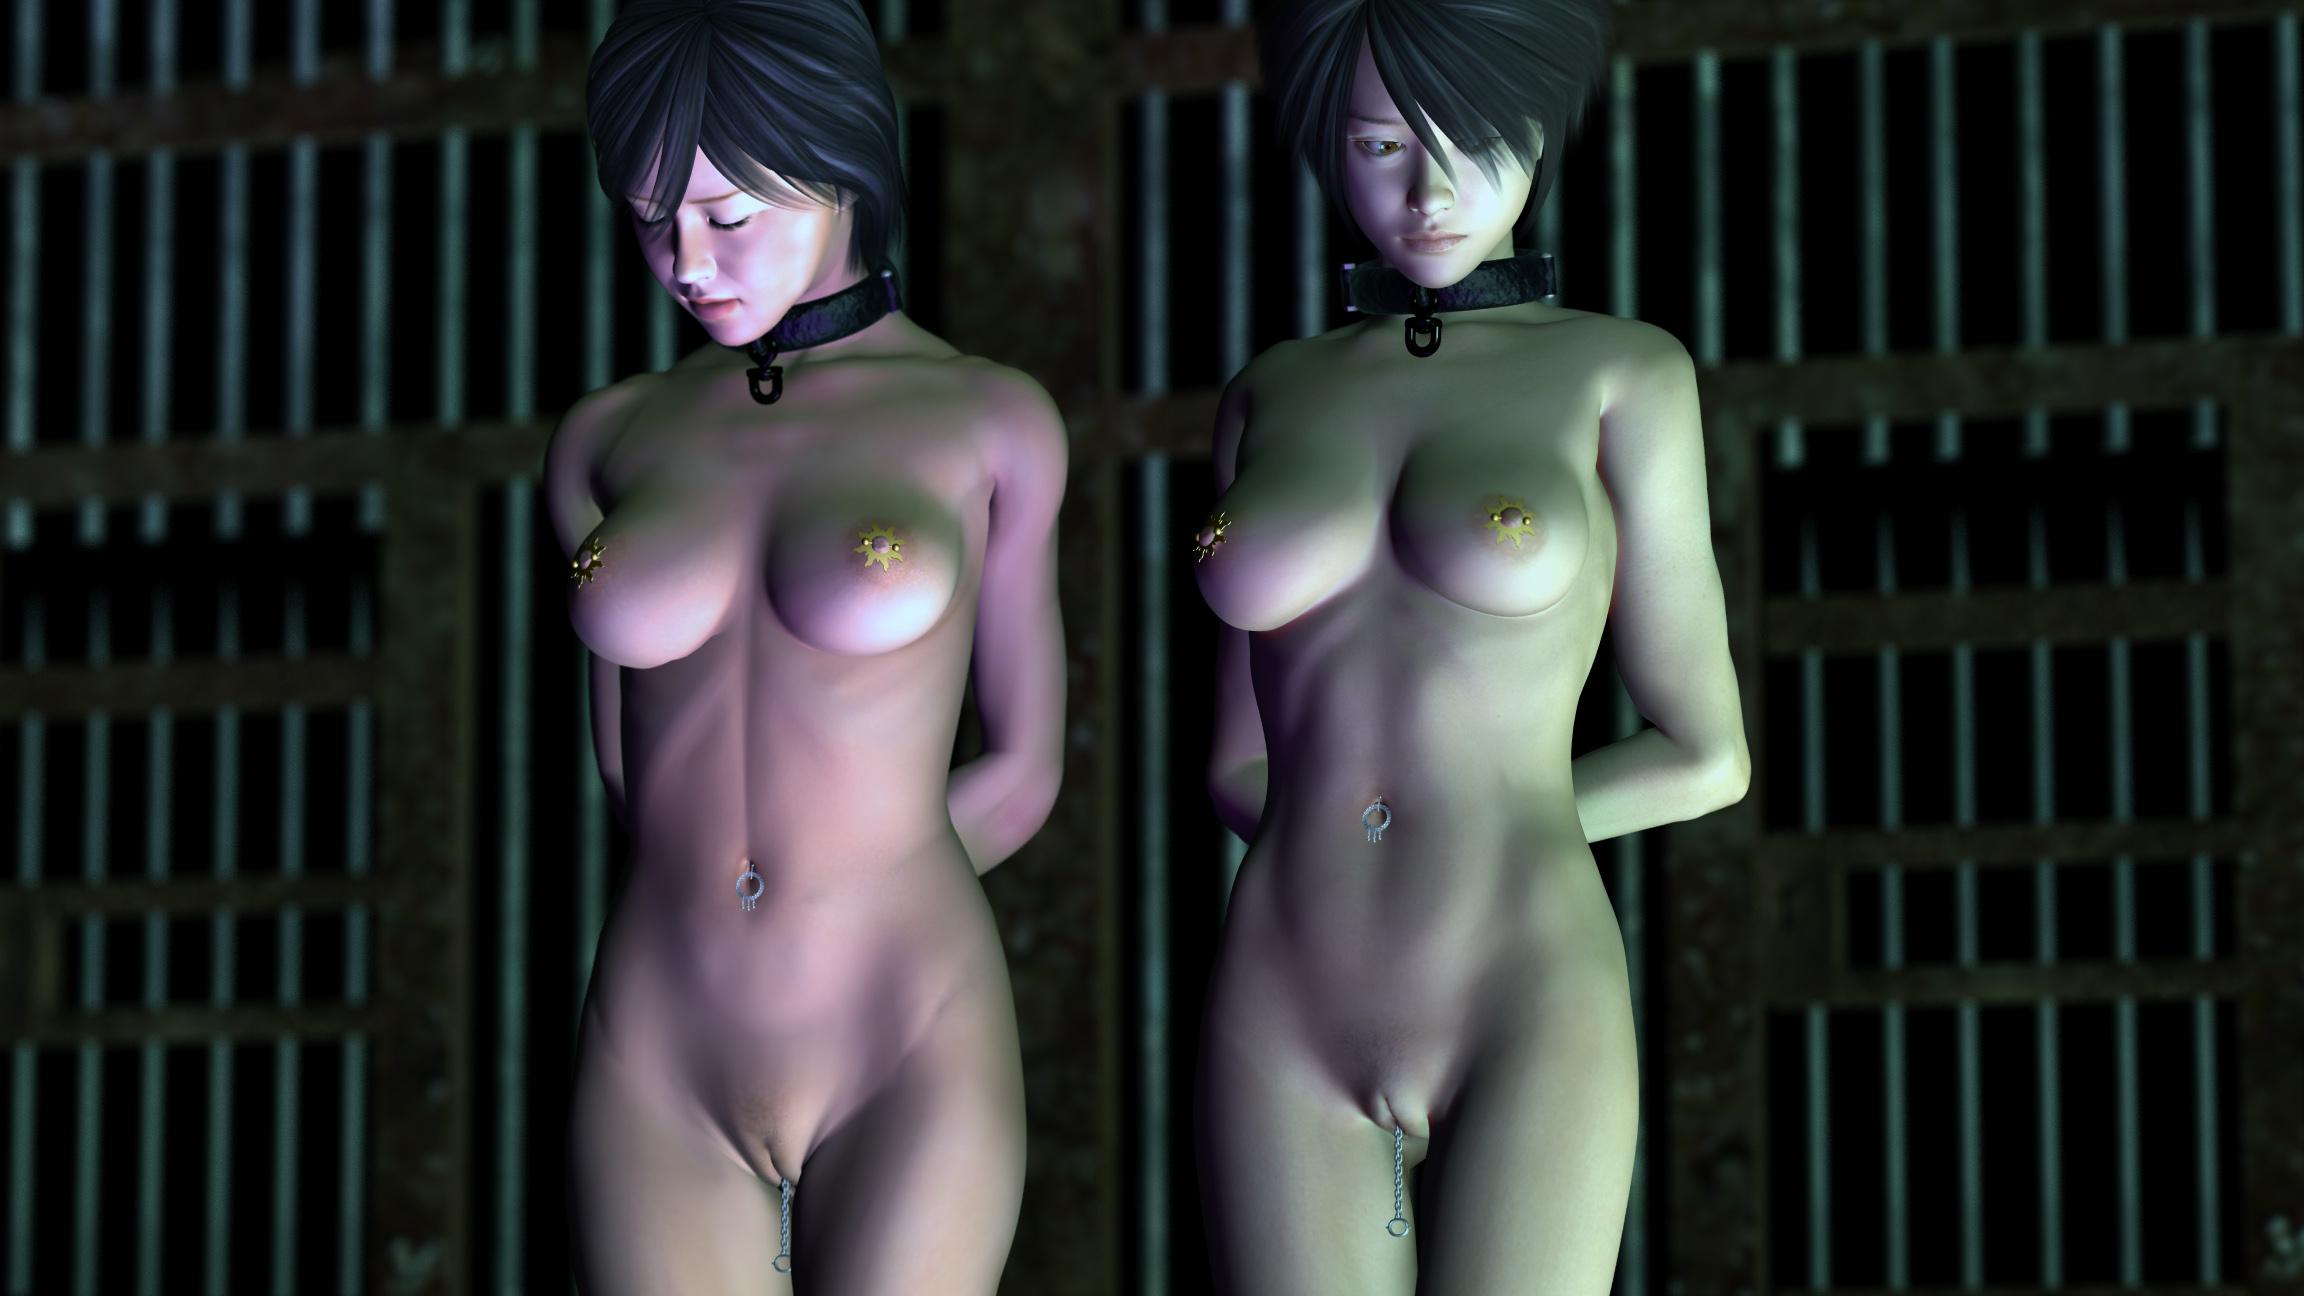 【乳首】ピアスをしている女の子の画像8ヶ所目->画像>706枚